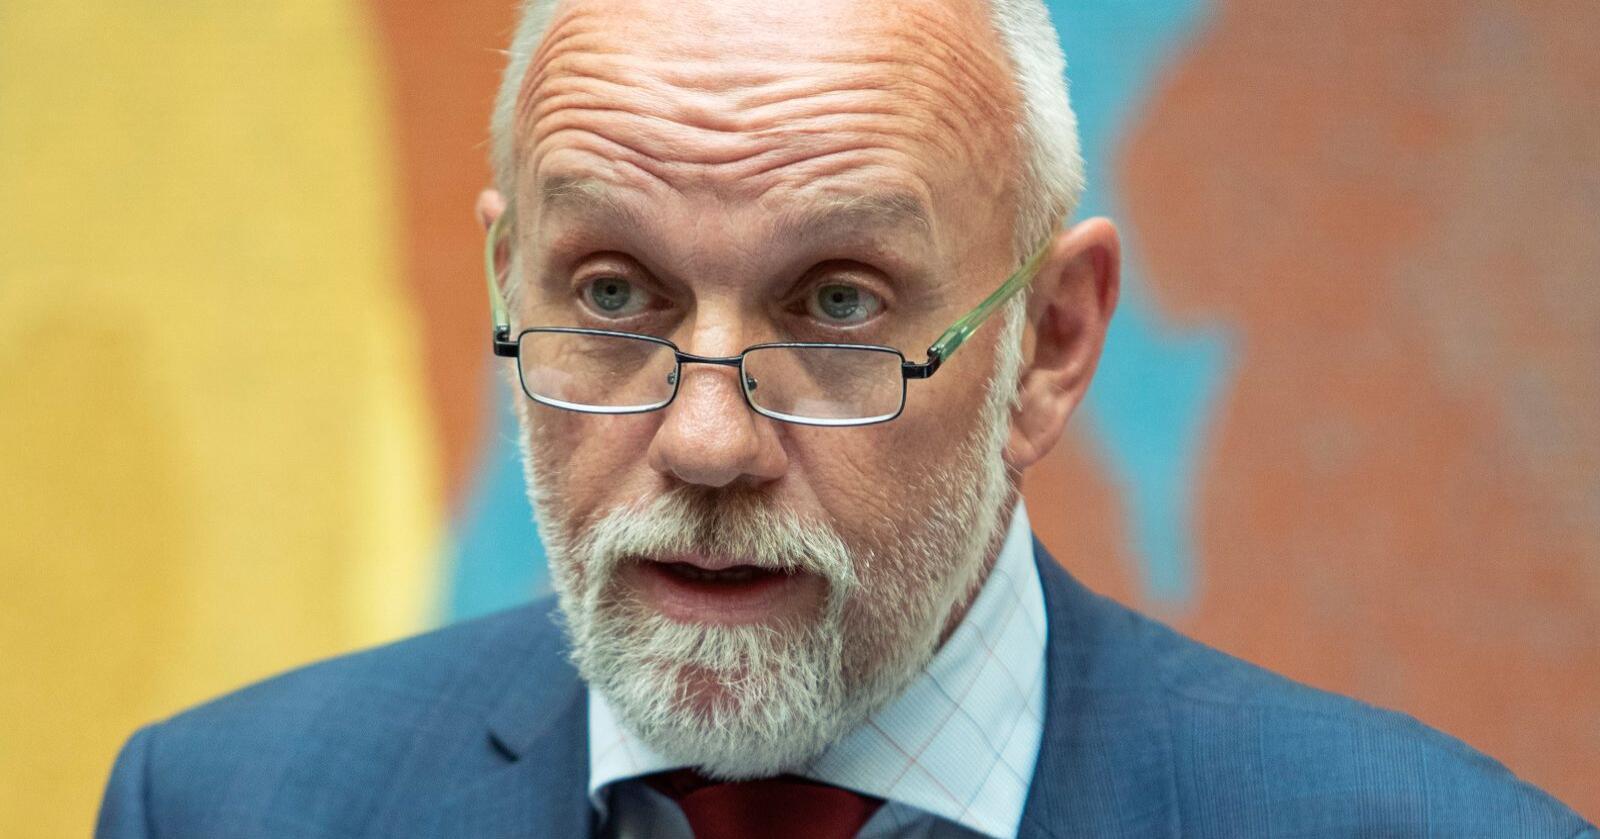 Frps næringspolitiker Morten Ørsal Johansen har den siste tiden holdt helt tett om pelsdyrforhandlingene. Foto: Ryan Kelly / NTB scanpix